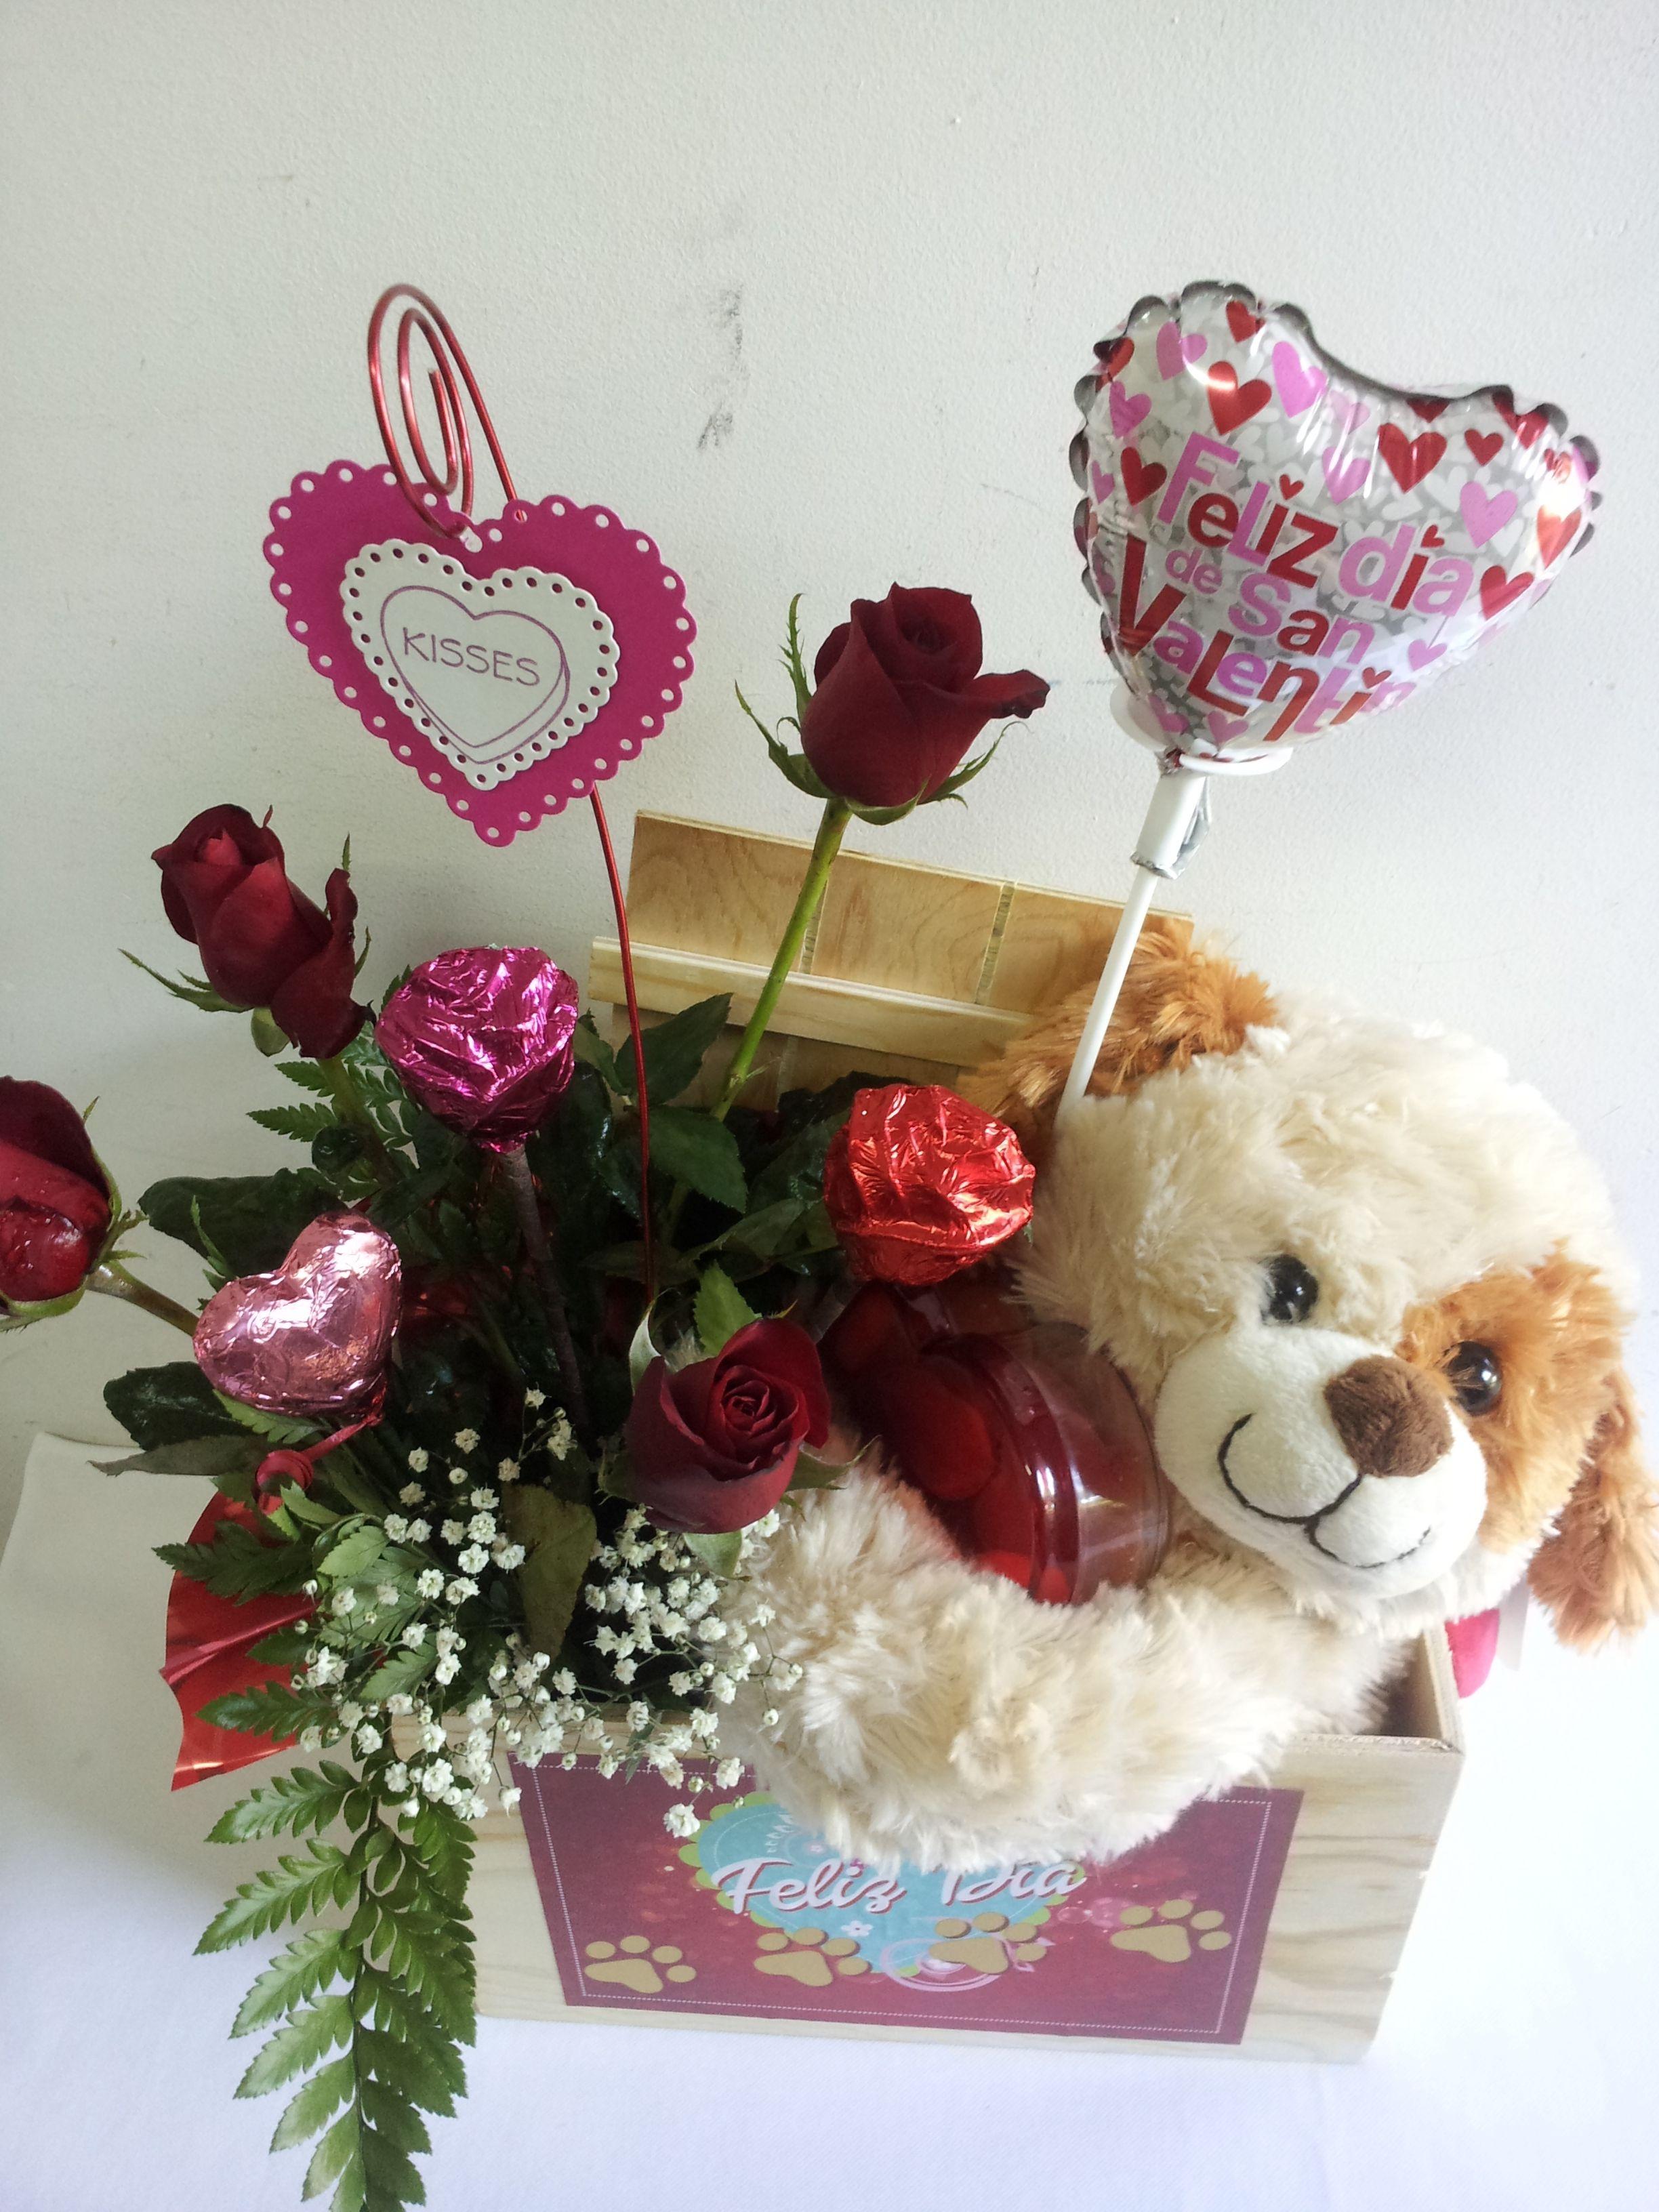 Febrero Amistad Caja El De 14 14 Febrero Dia Madera La Amor Y Arreglos De Para De Del En